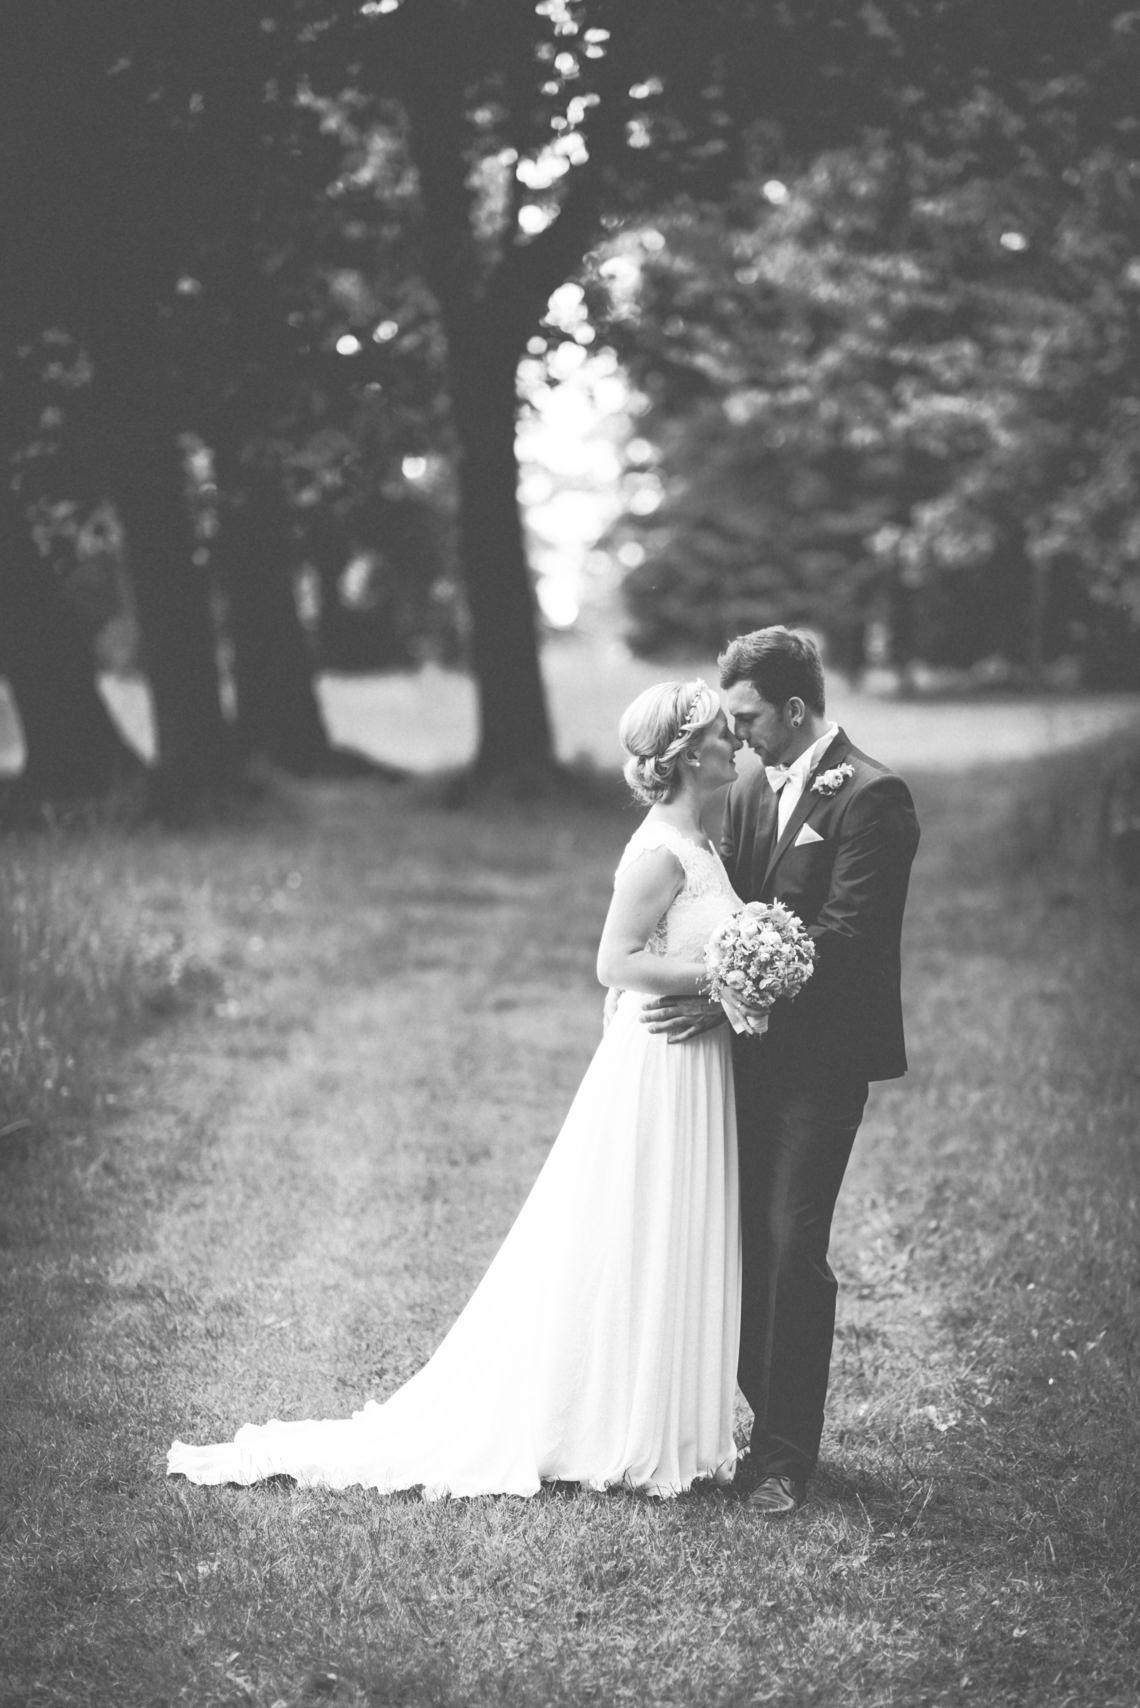 0076_20160528_CKE_1675_Susanne_Robert_Hochzeit